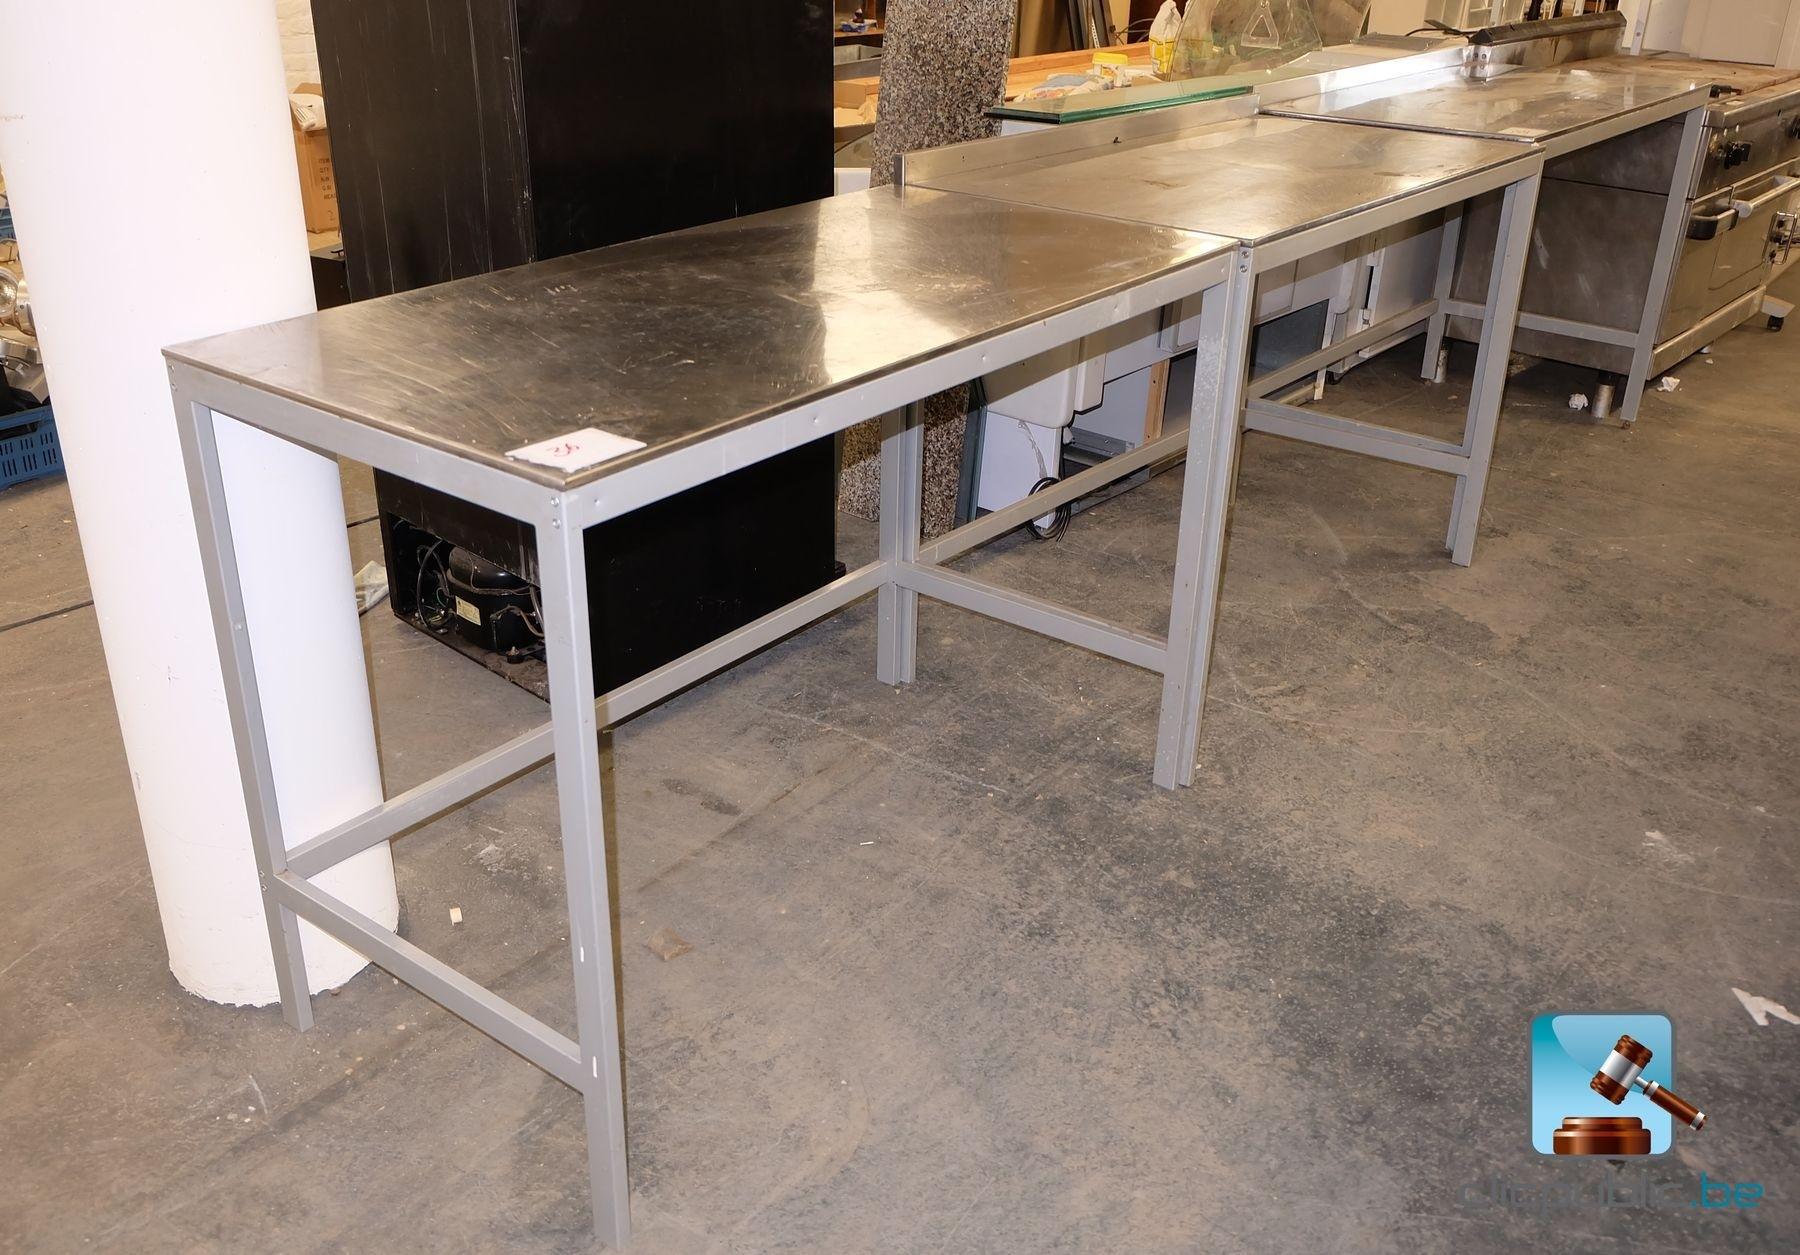 3 inox tables pietement en acier (ref 36) for sale on